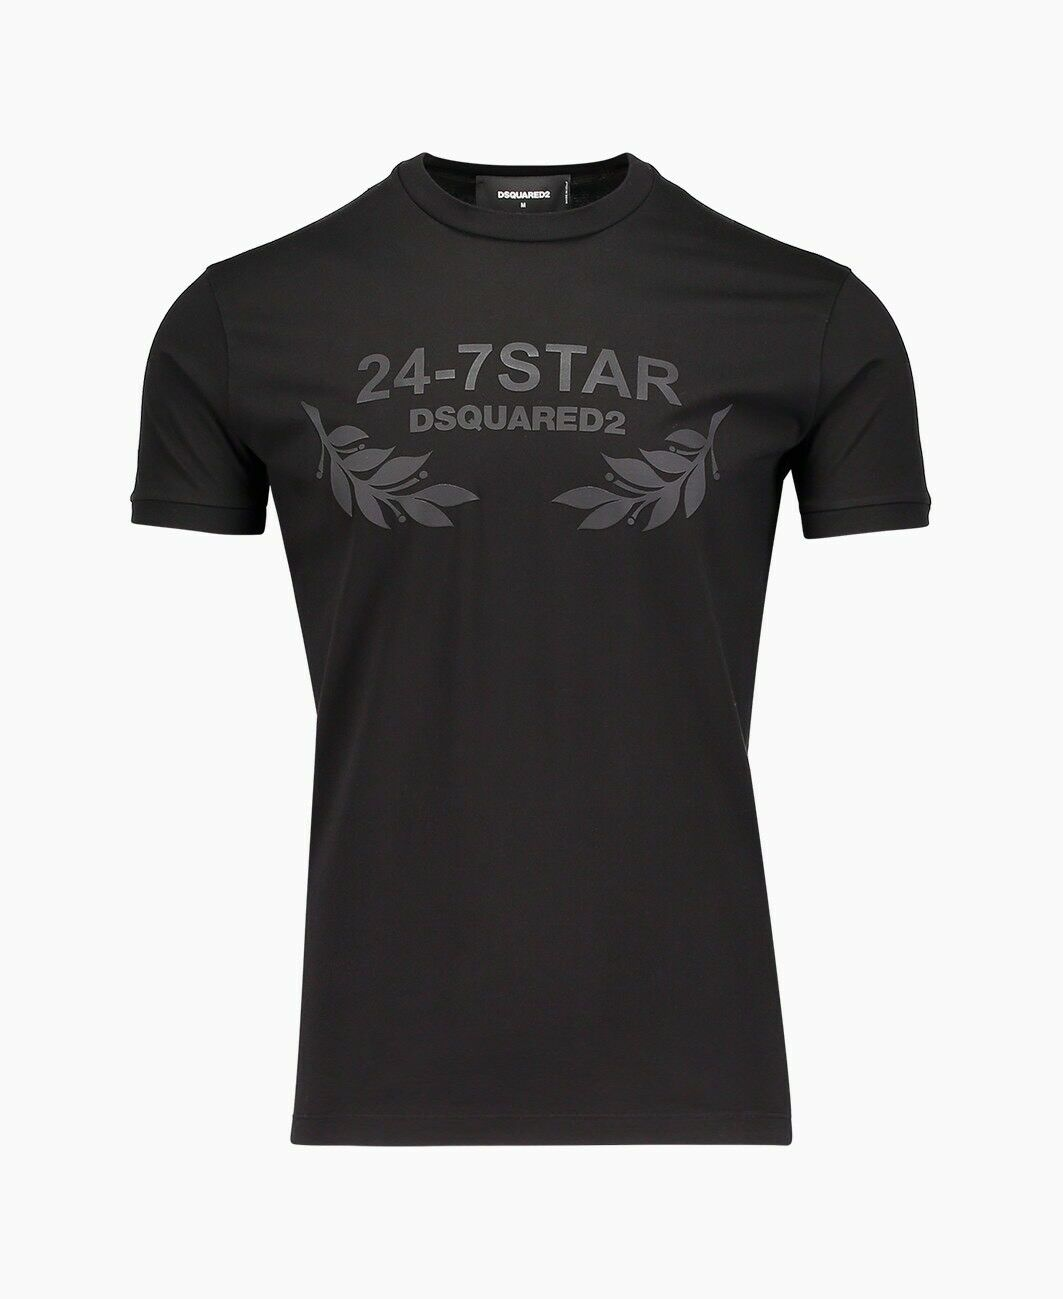 Dsquared2 T-Shirt Gr. S - Neu mit Etikett